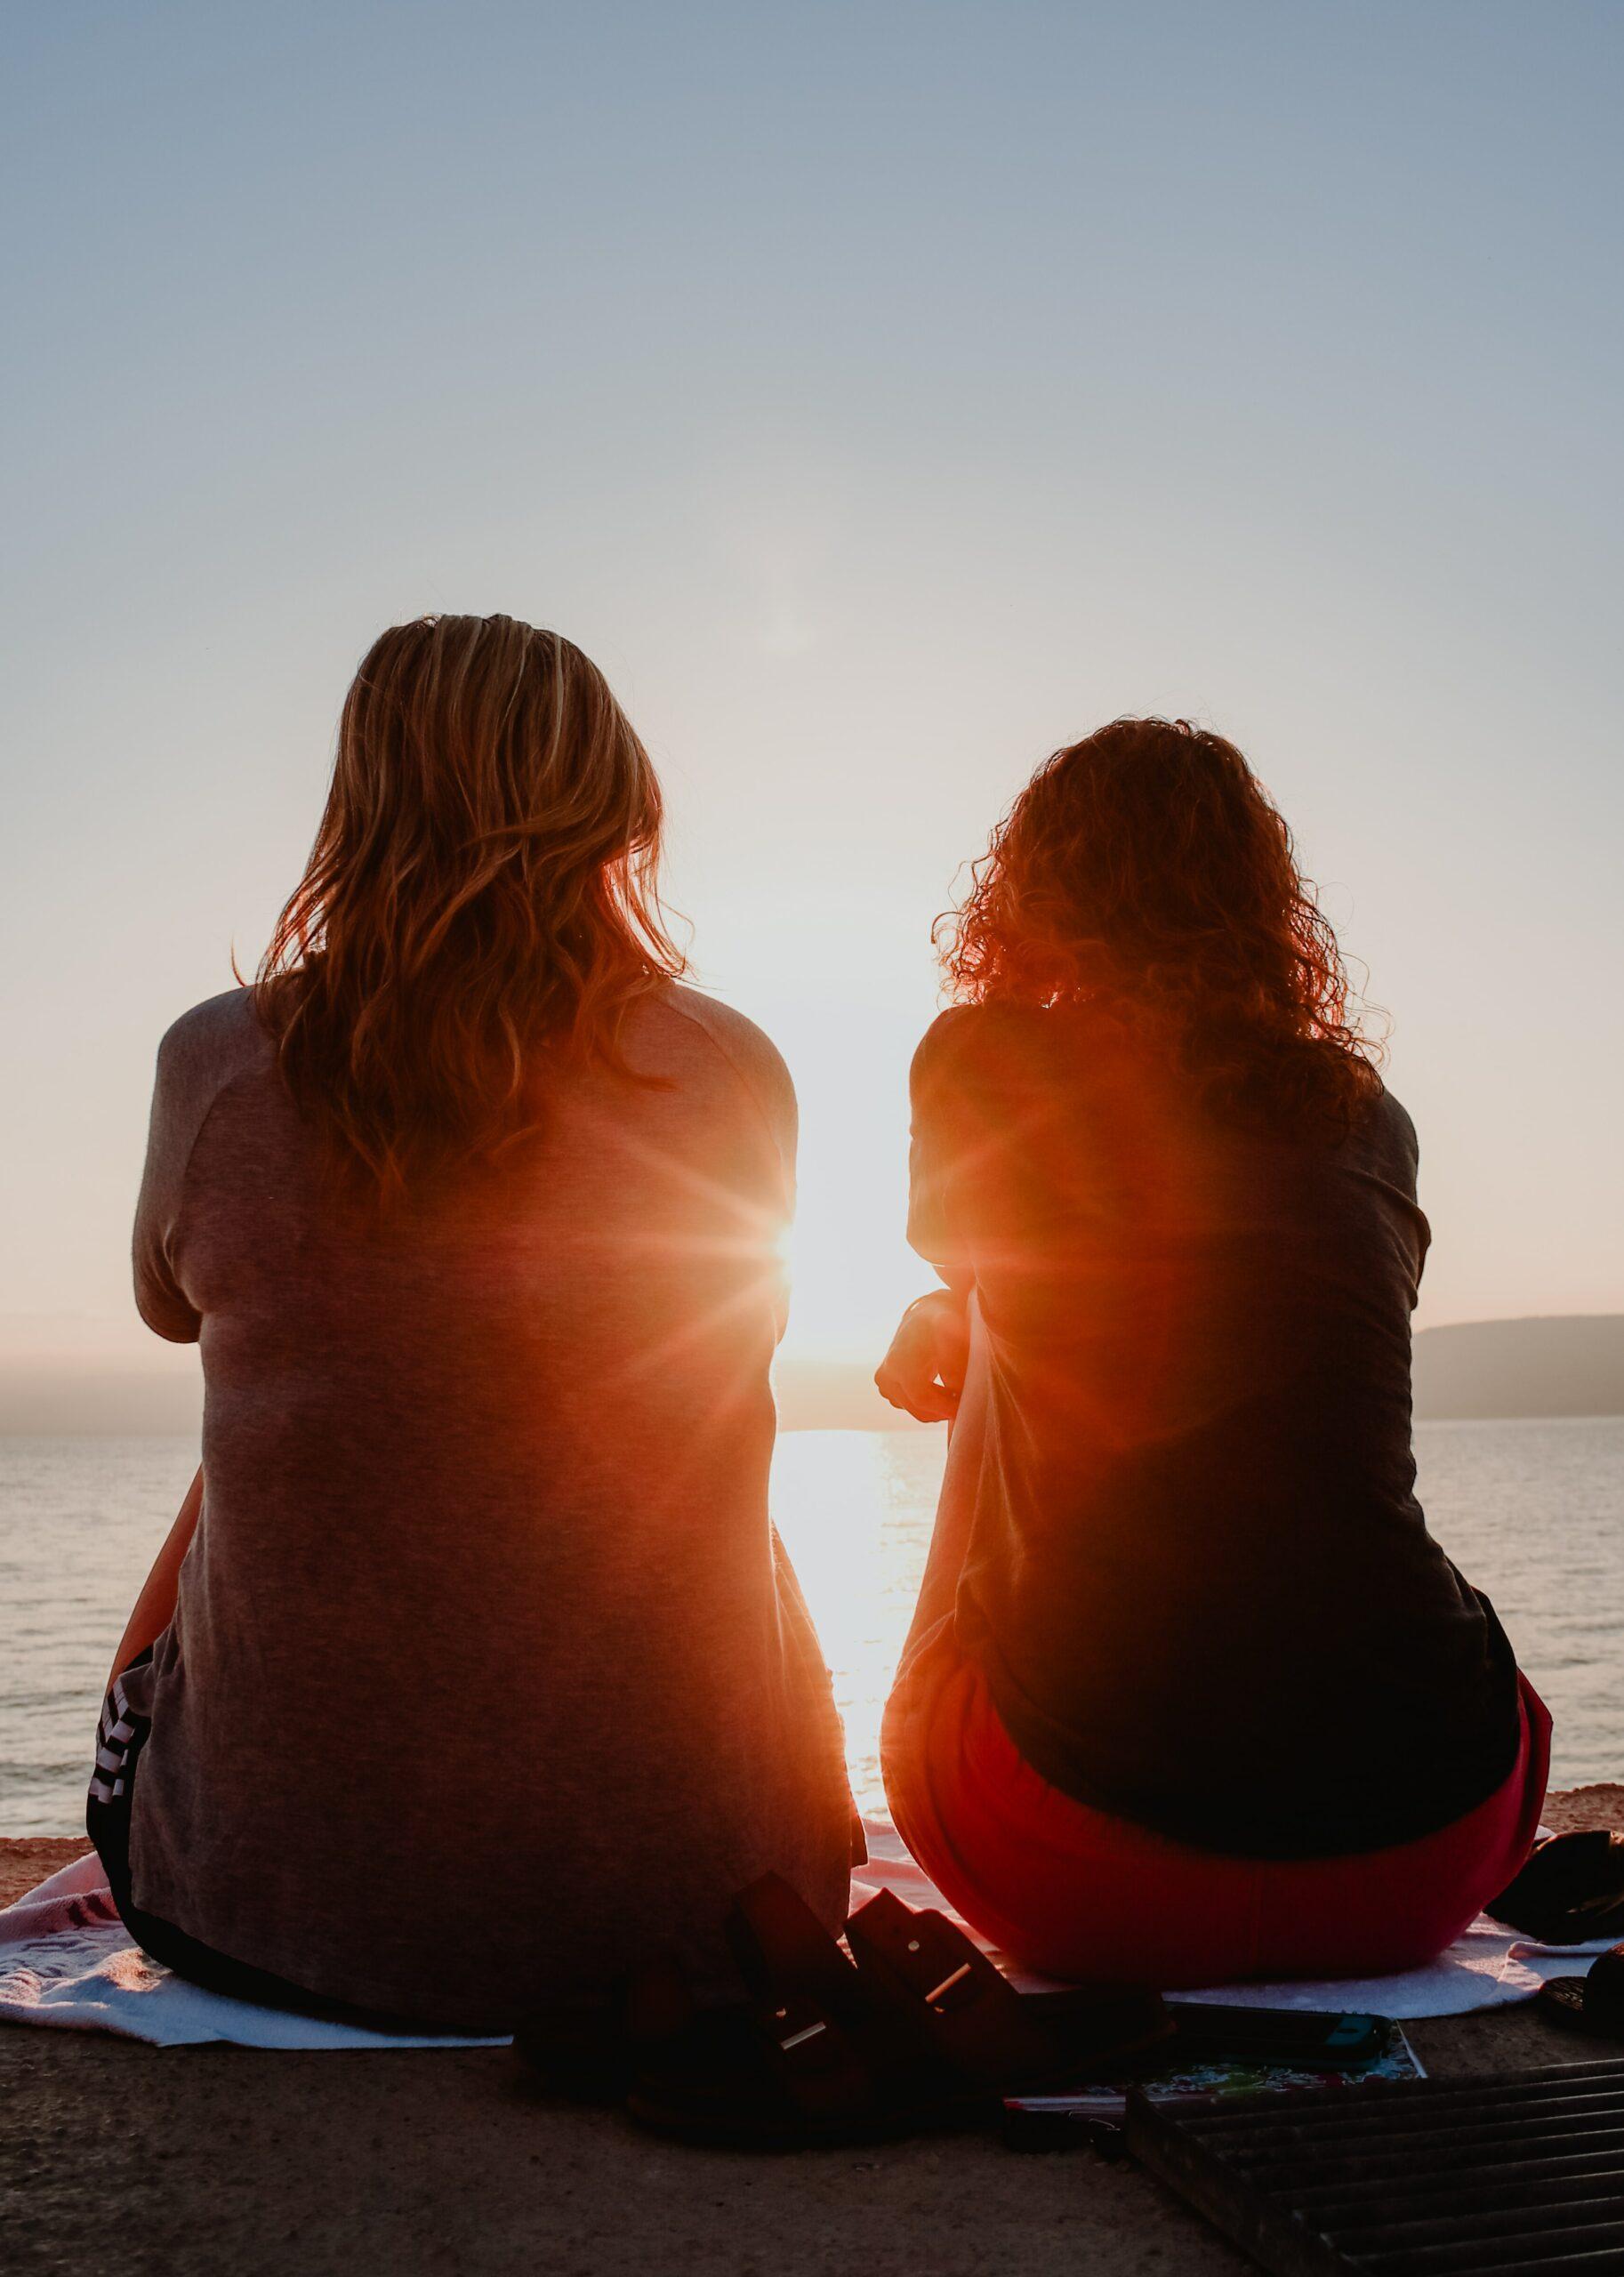 Friends enjoying a sunset